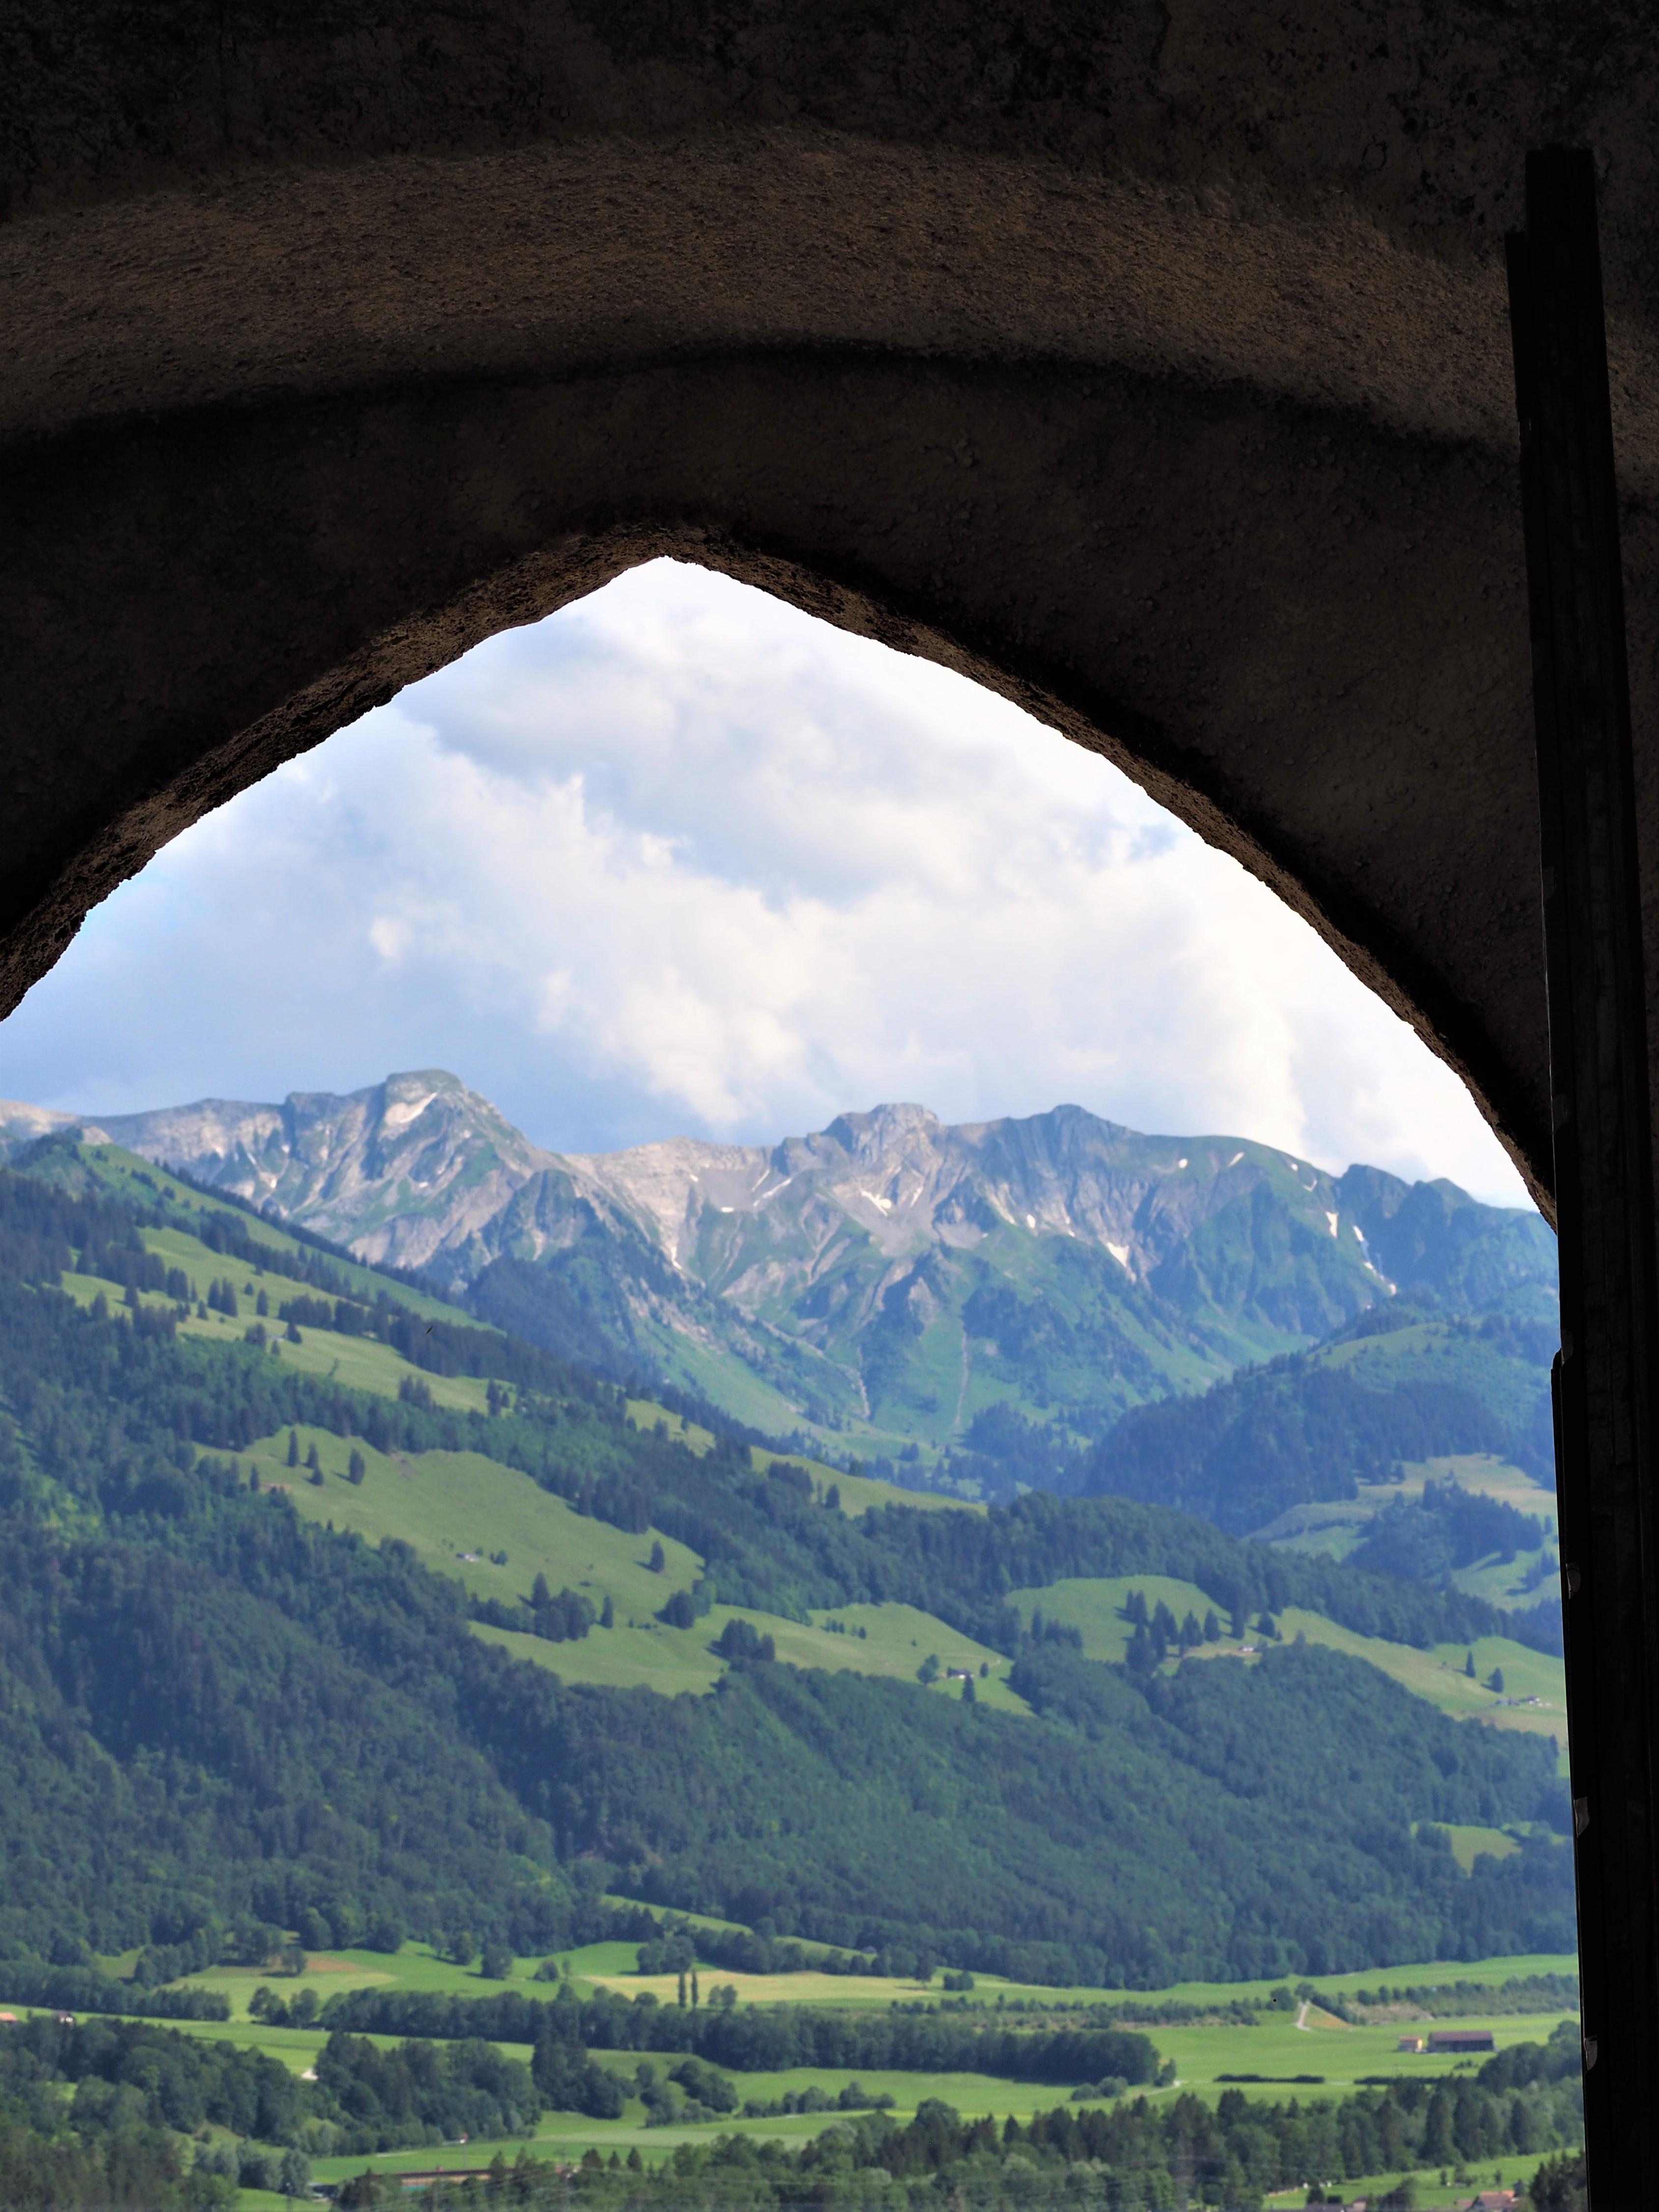 Visiter-Gruyères-canton-de-Fribourg-Suisse-Château-clioandco